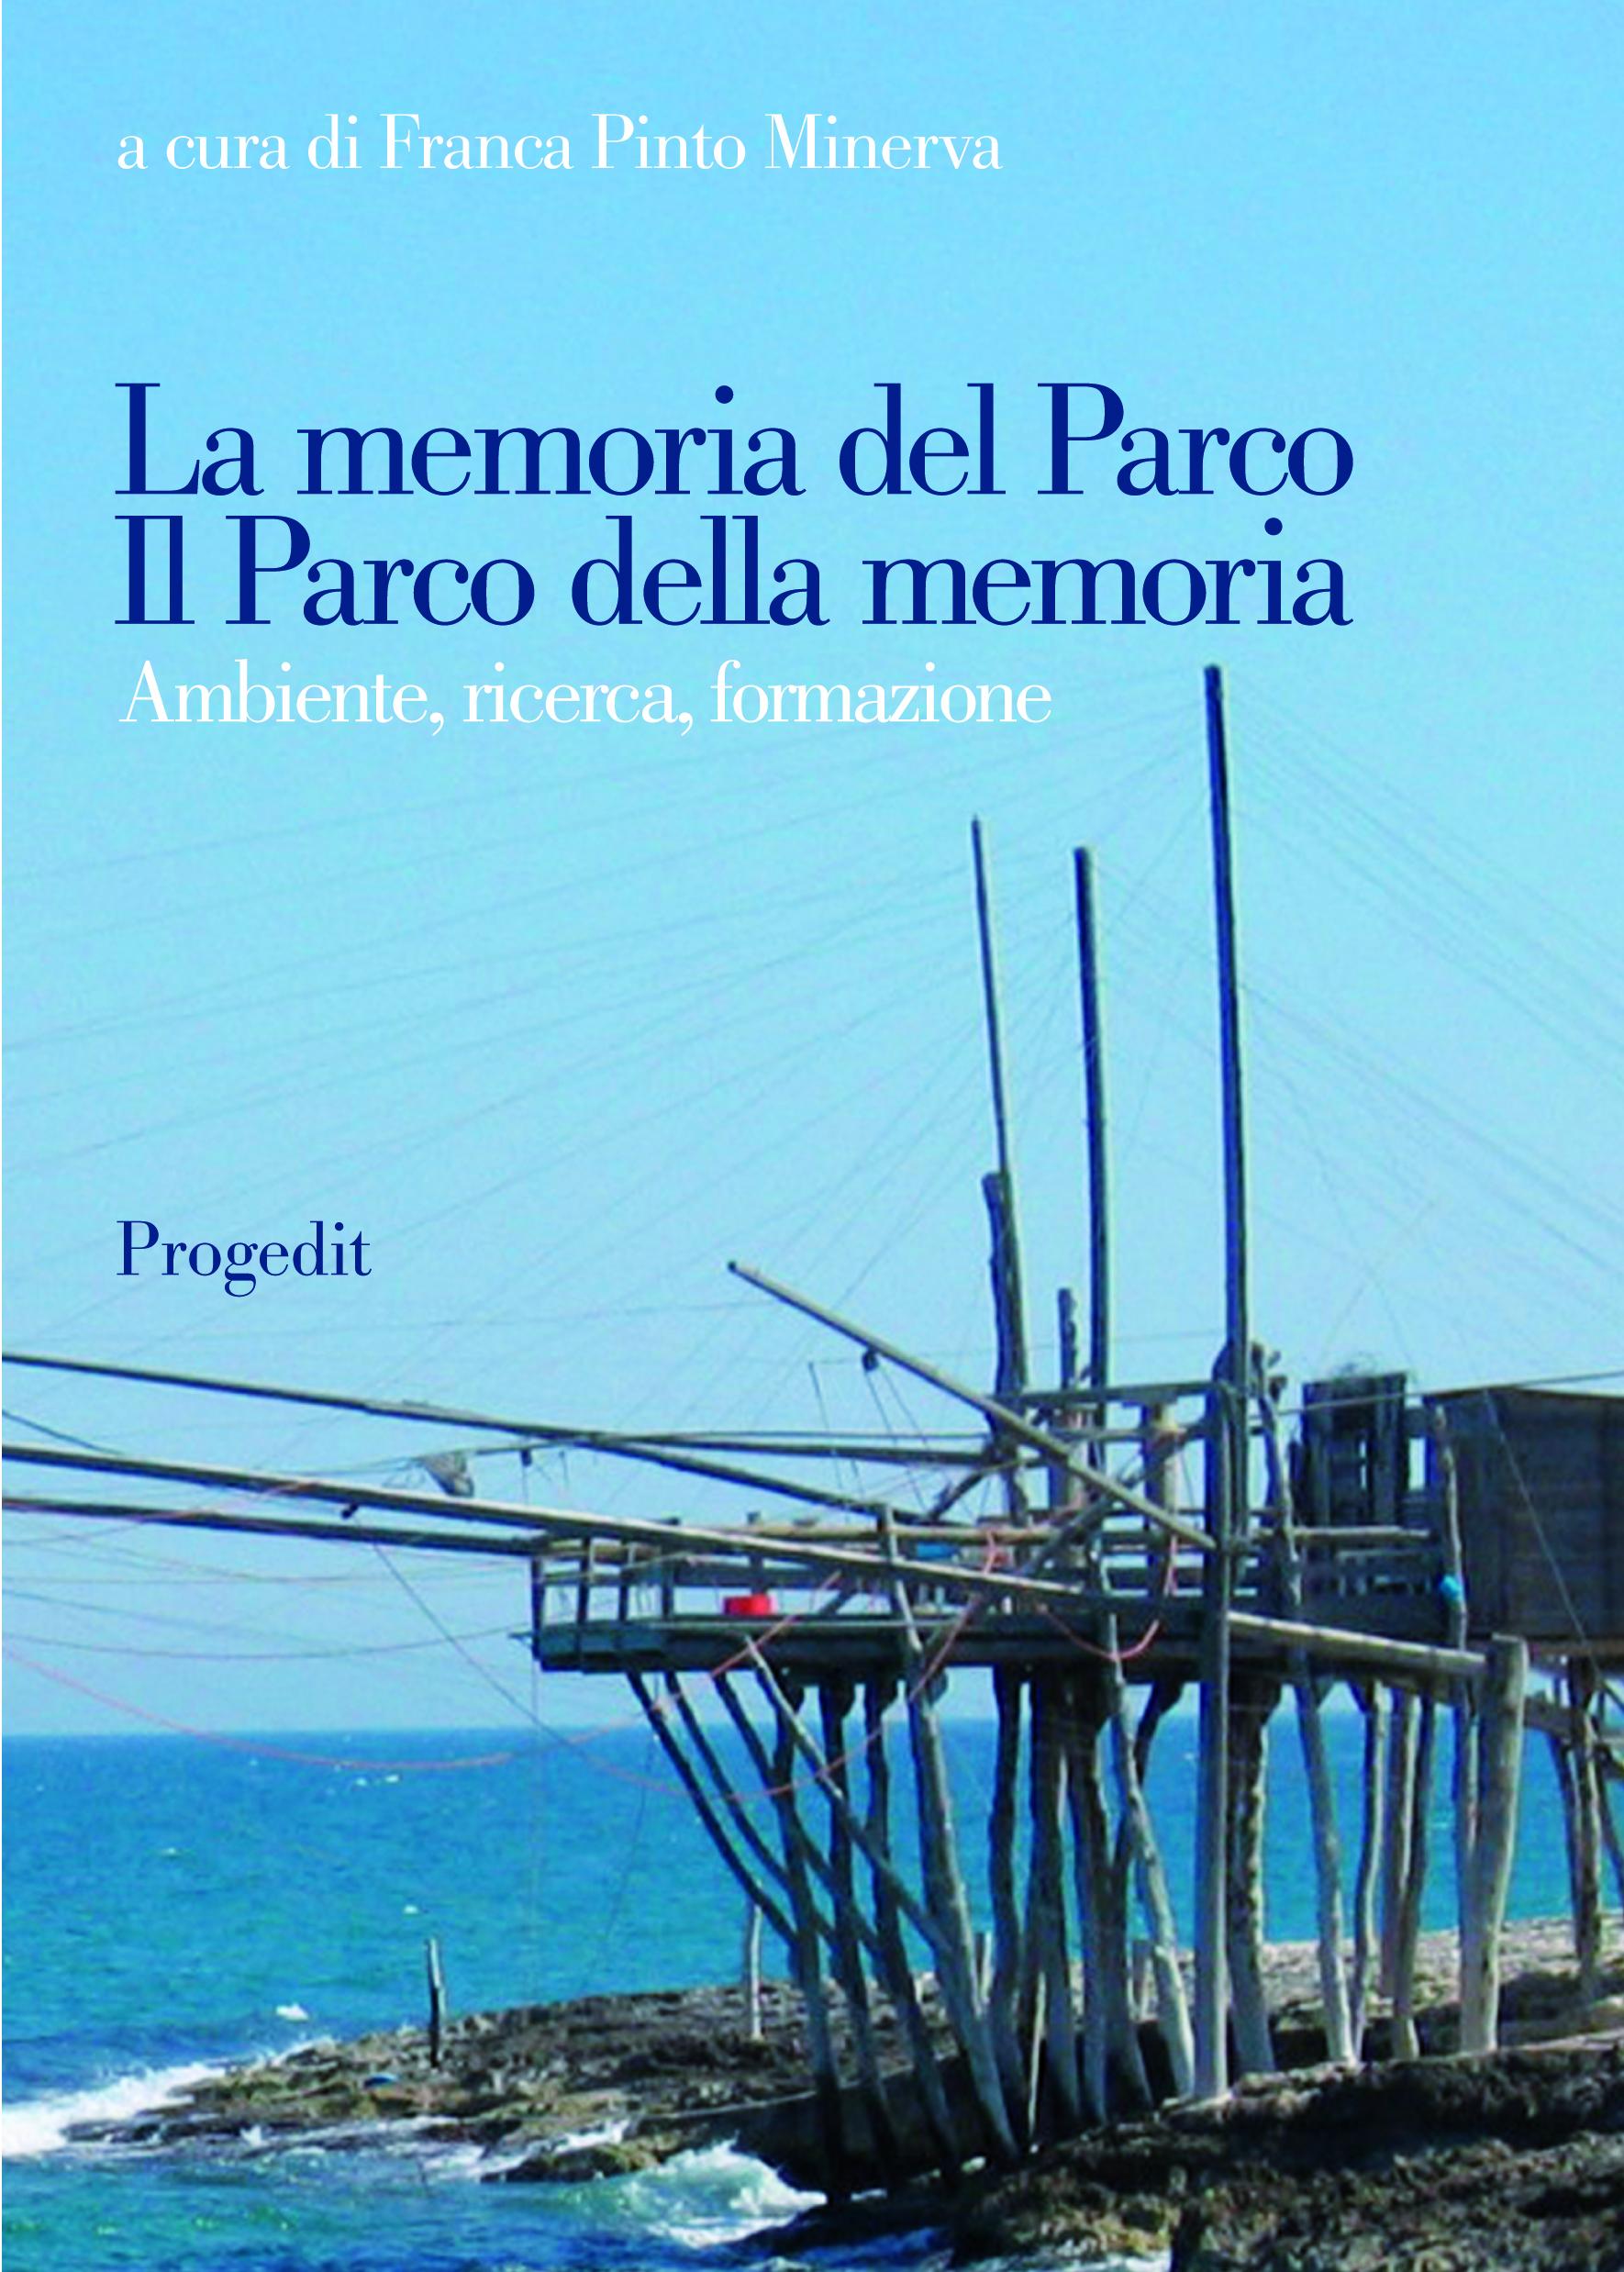 La memoria del Parco. Il Parco della memoria